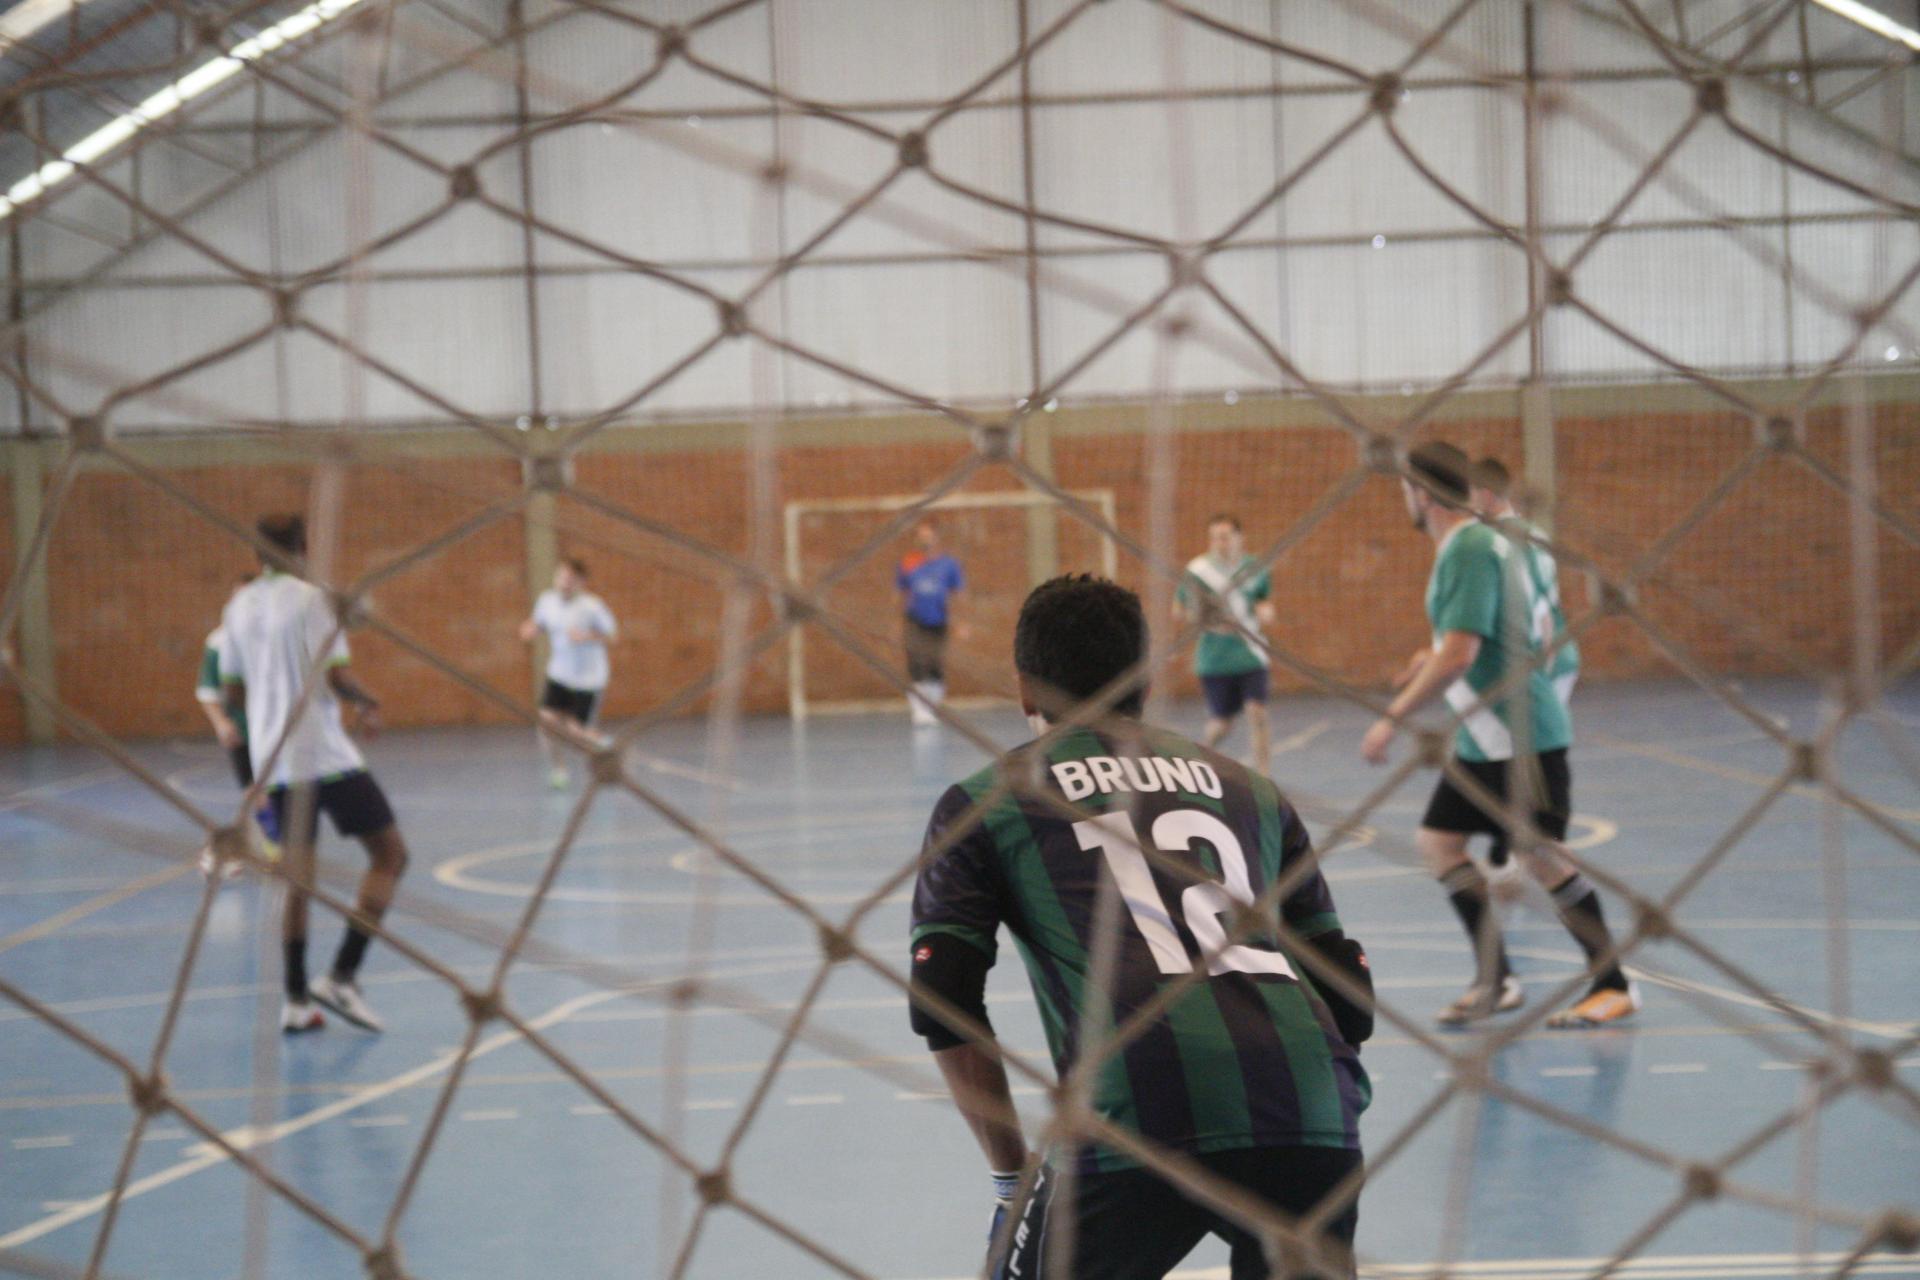 Foto colorida horizontal mostra homens jogando futsal em uma quadra, a foto é feita por trás de uma rede da quadra